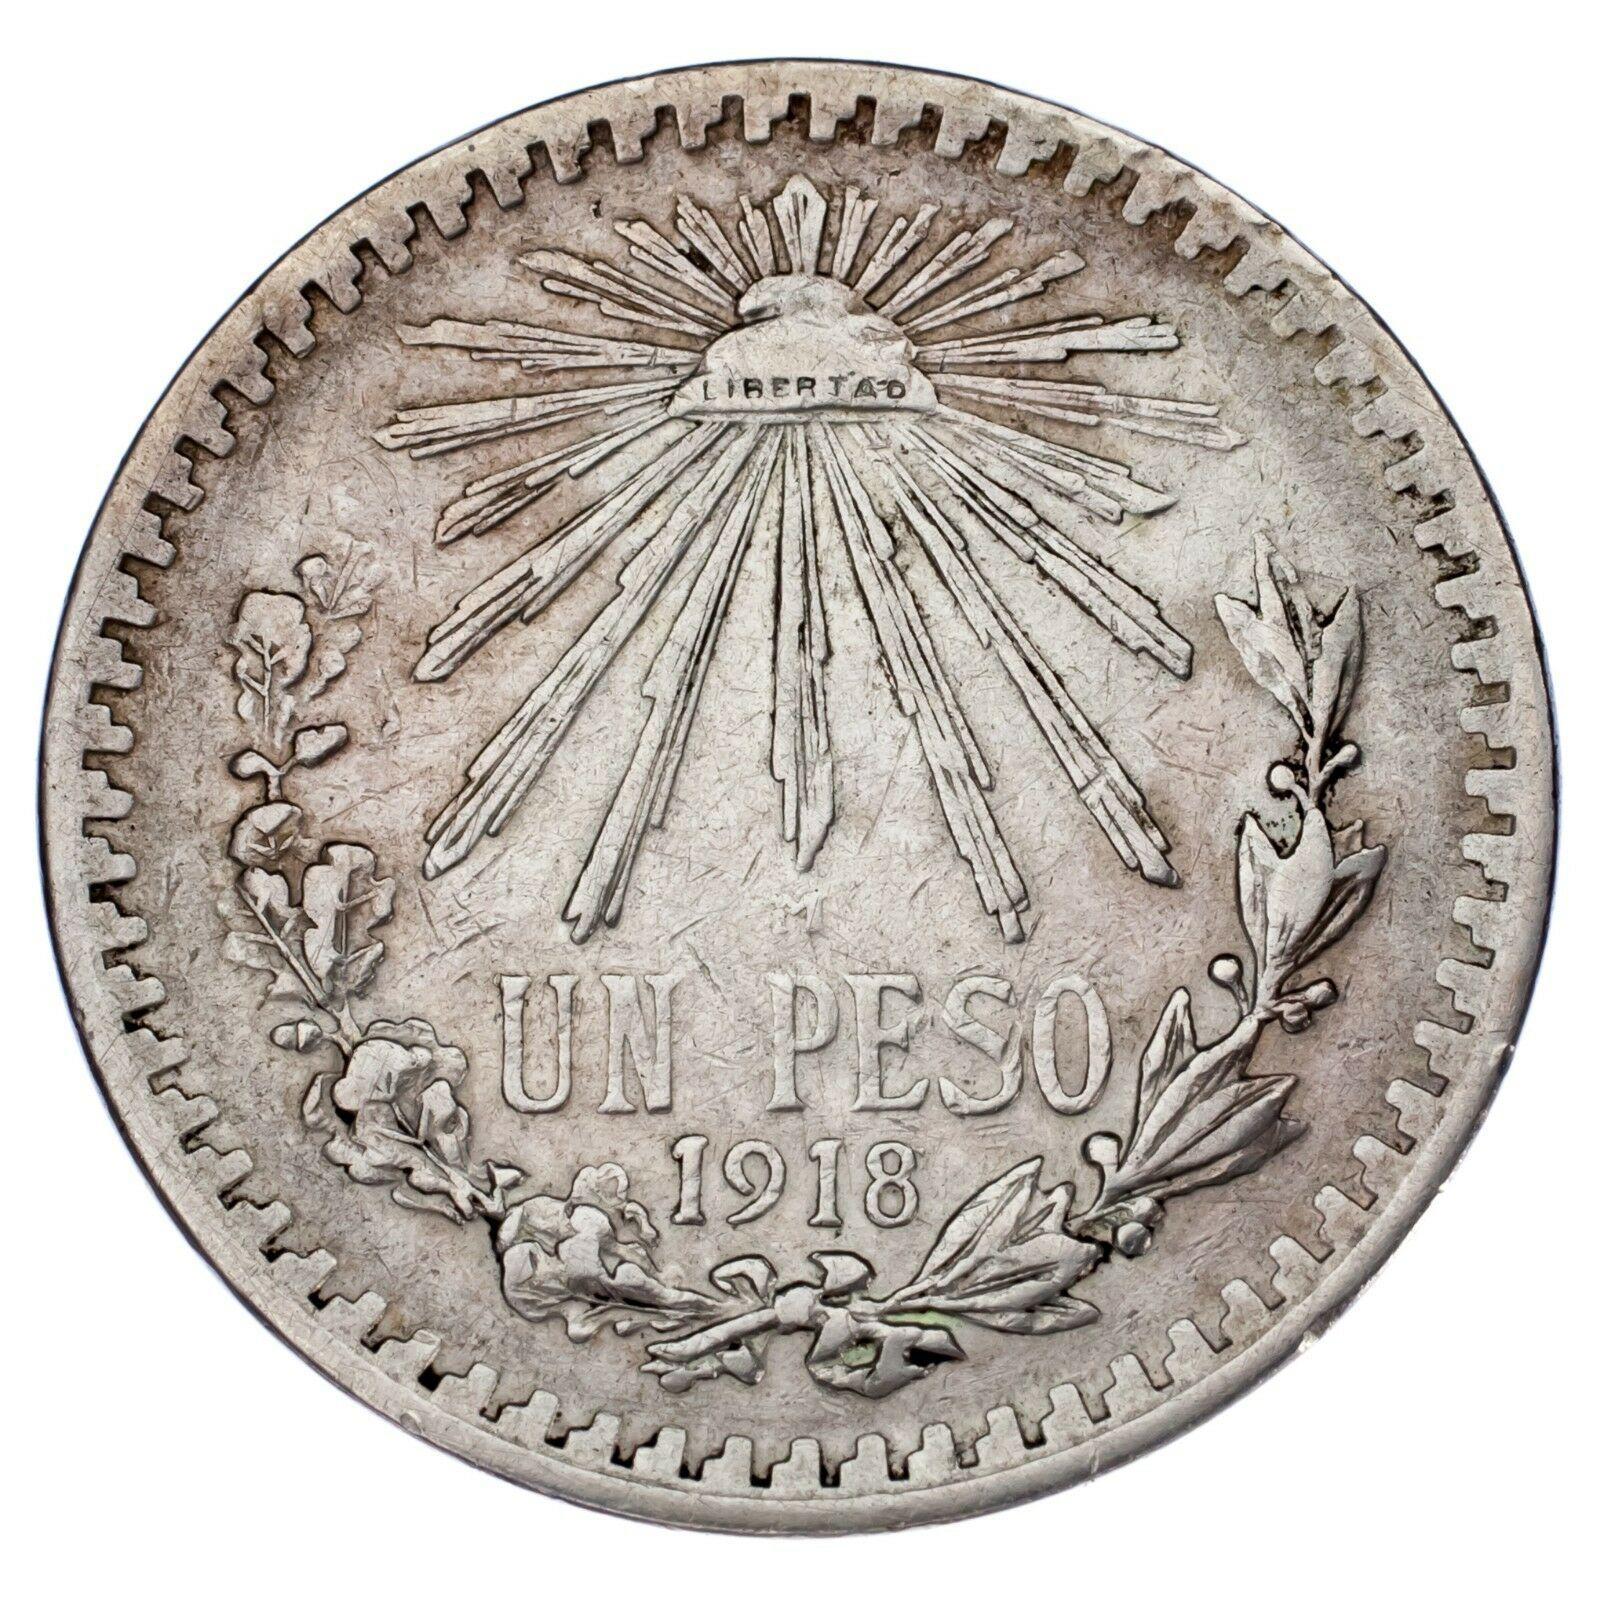 1918/7 Mexico Silber 1 Peso Overstrike VF Zustand